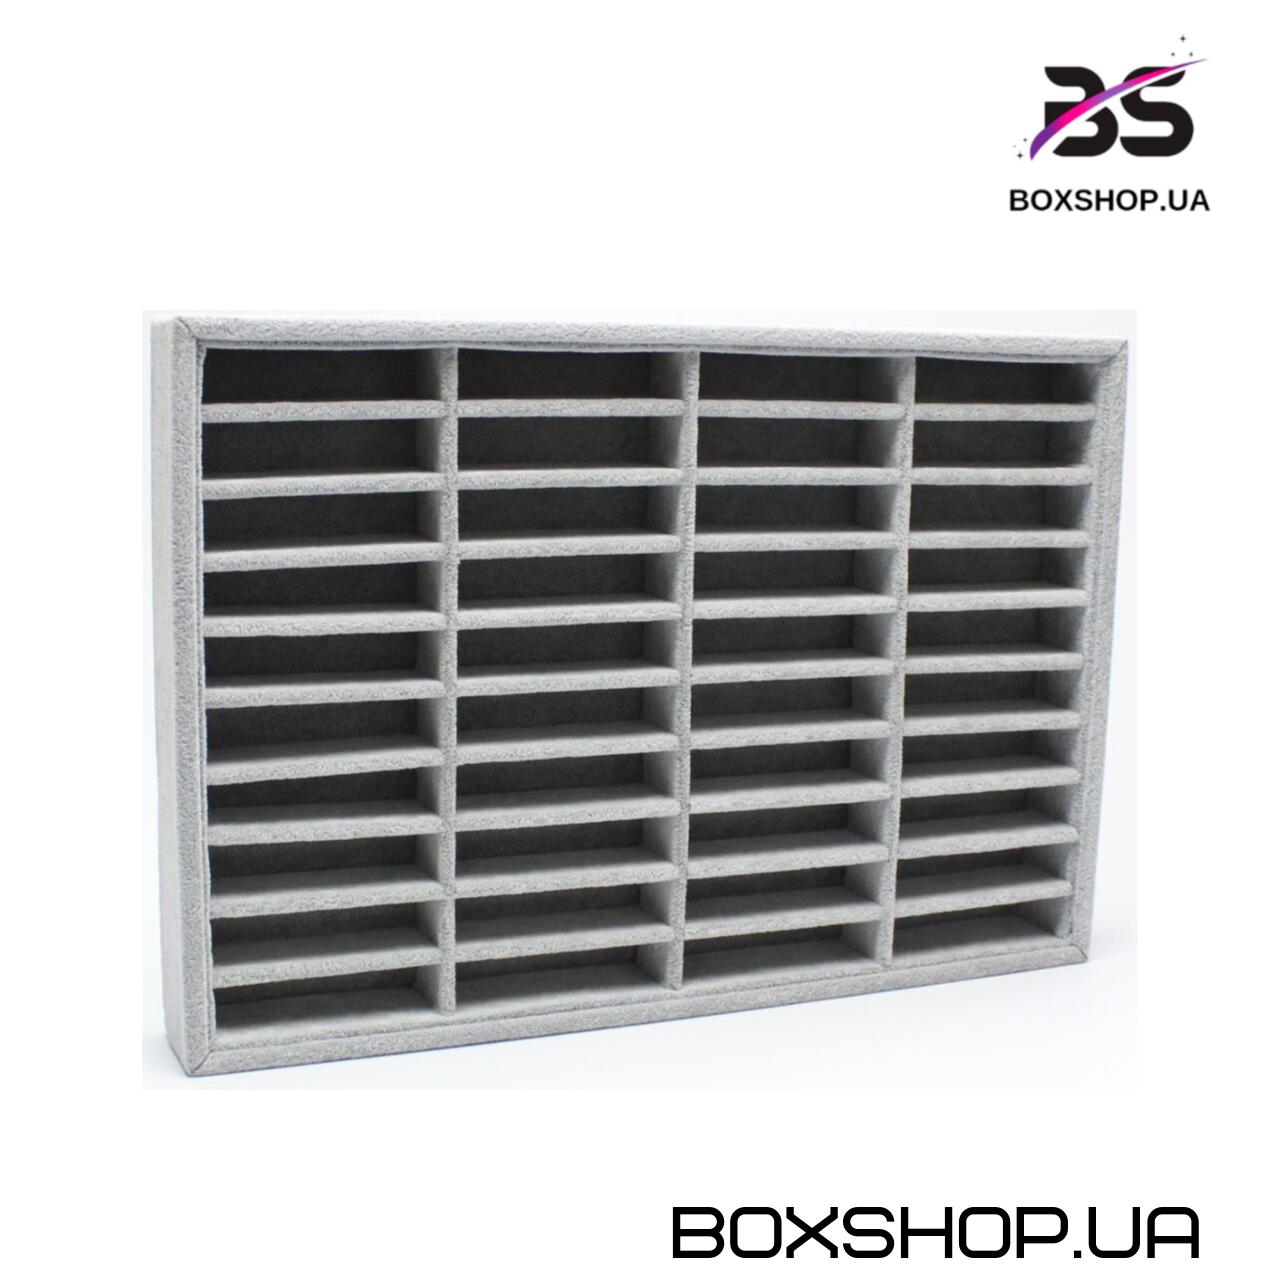 Ювелирный планшет BOXSHOP - 1022439528